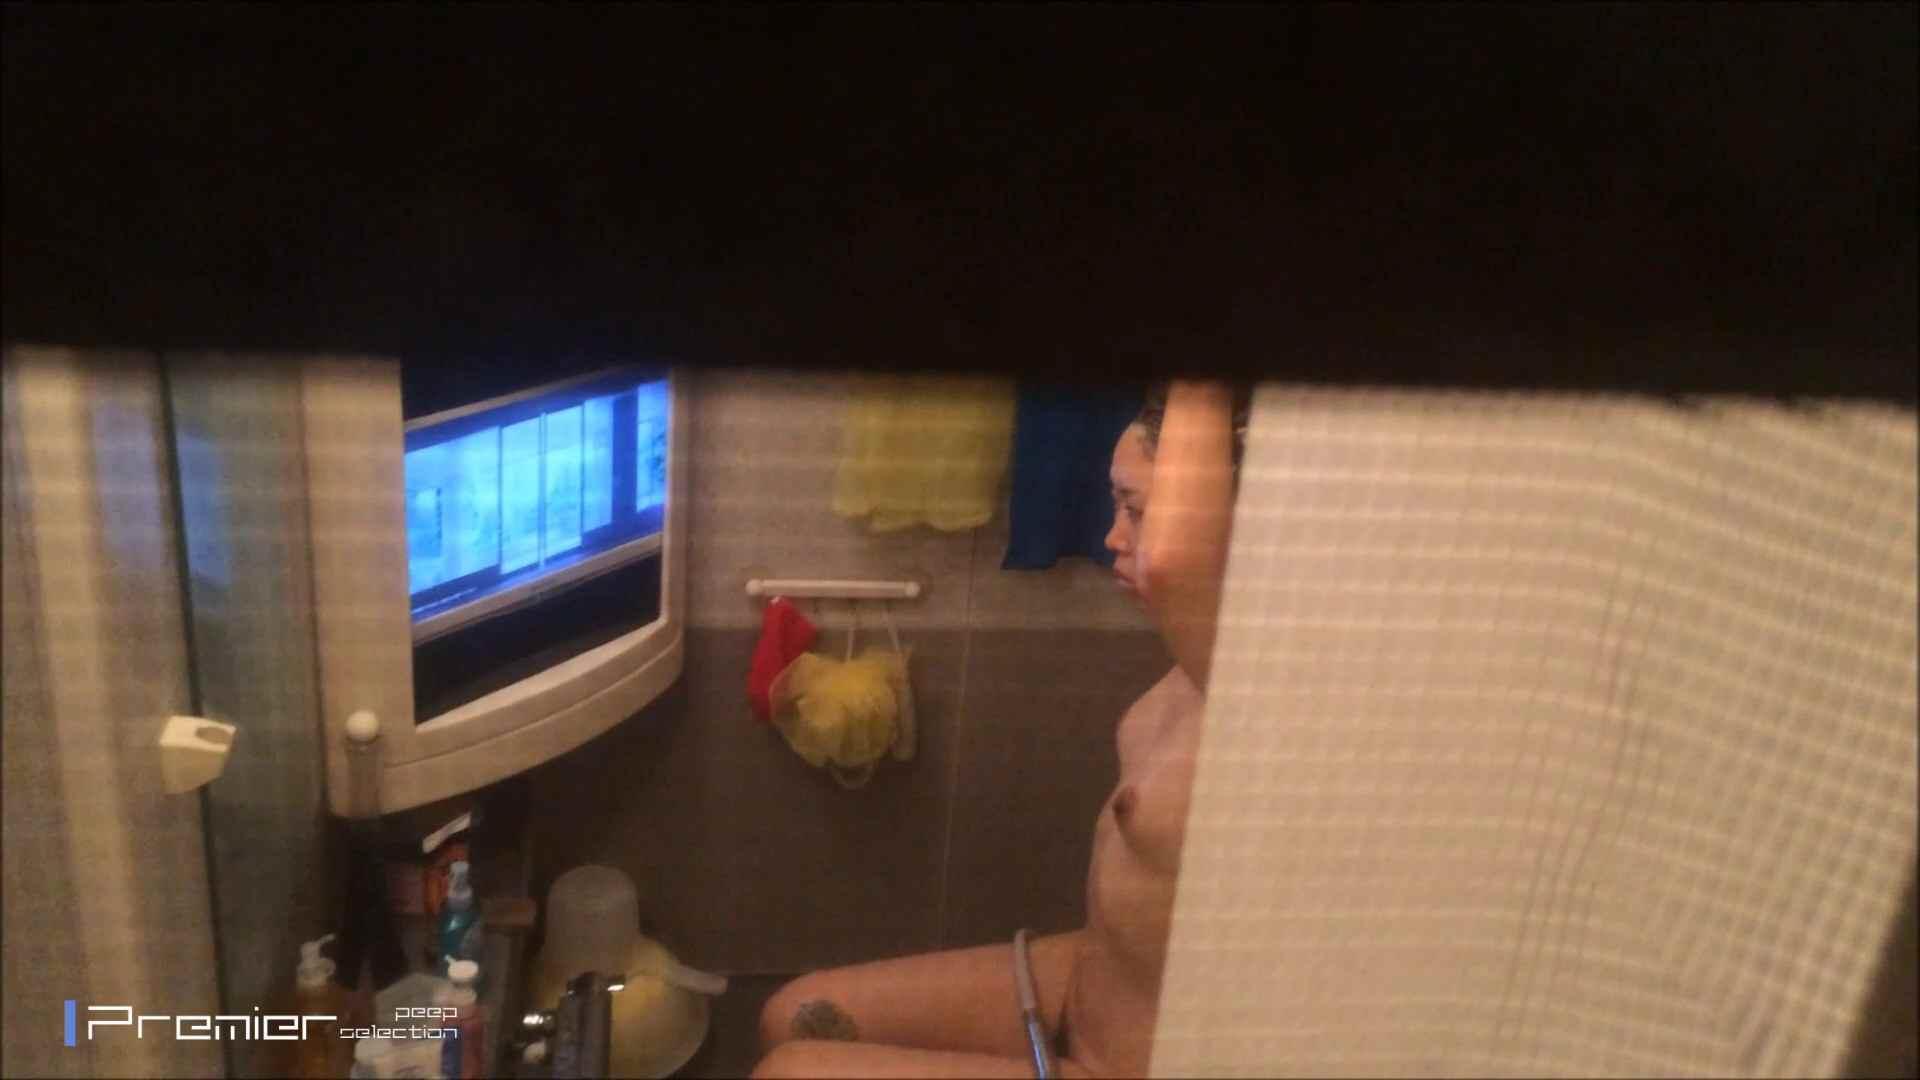 美女のテレビを見ながらの入浴 乙女の風呂場 Vol.21 美女 隠し撮りセックス画像 30pic 9